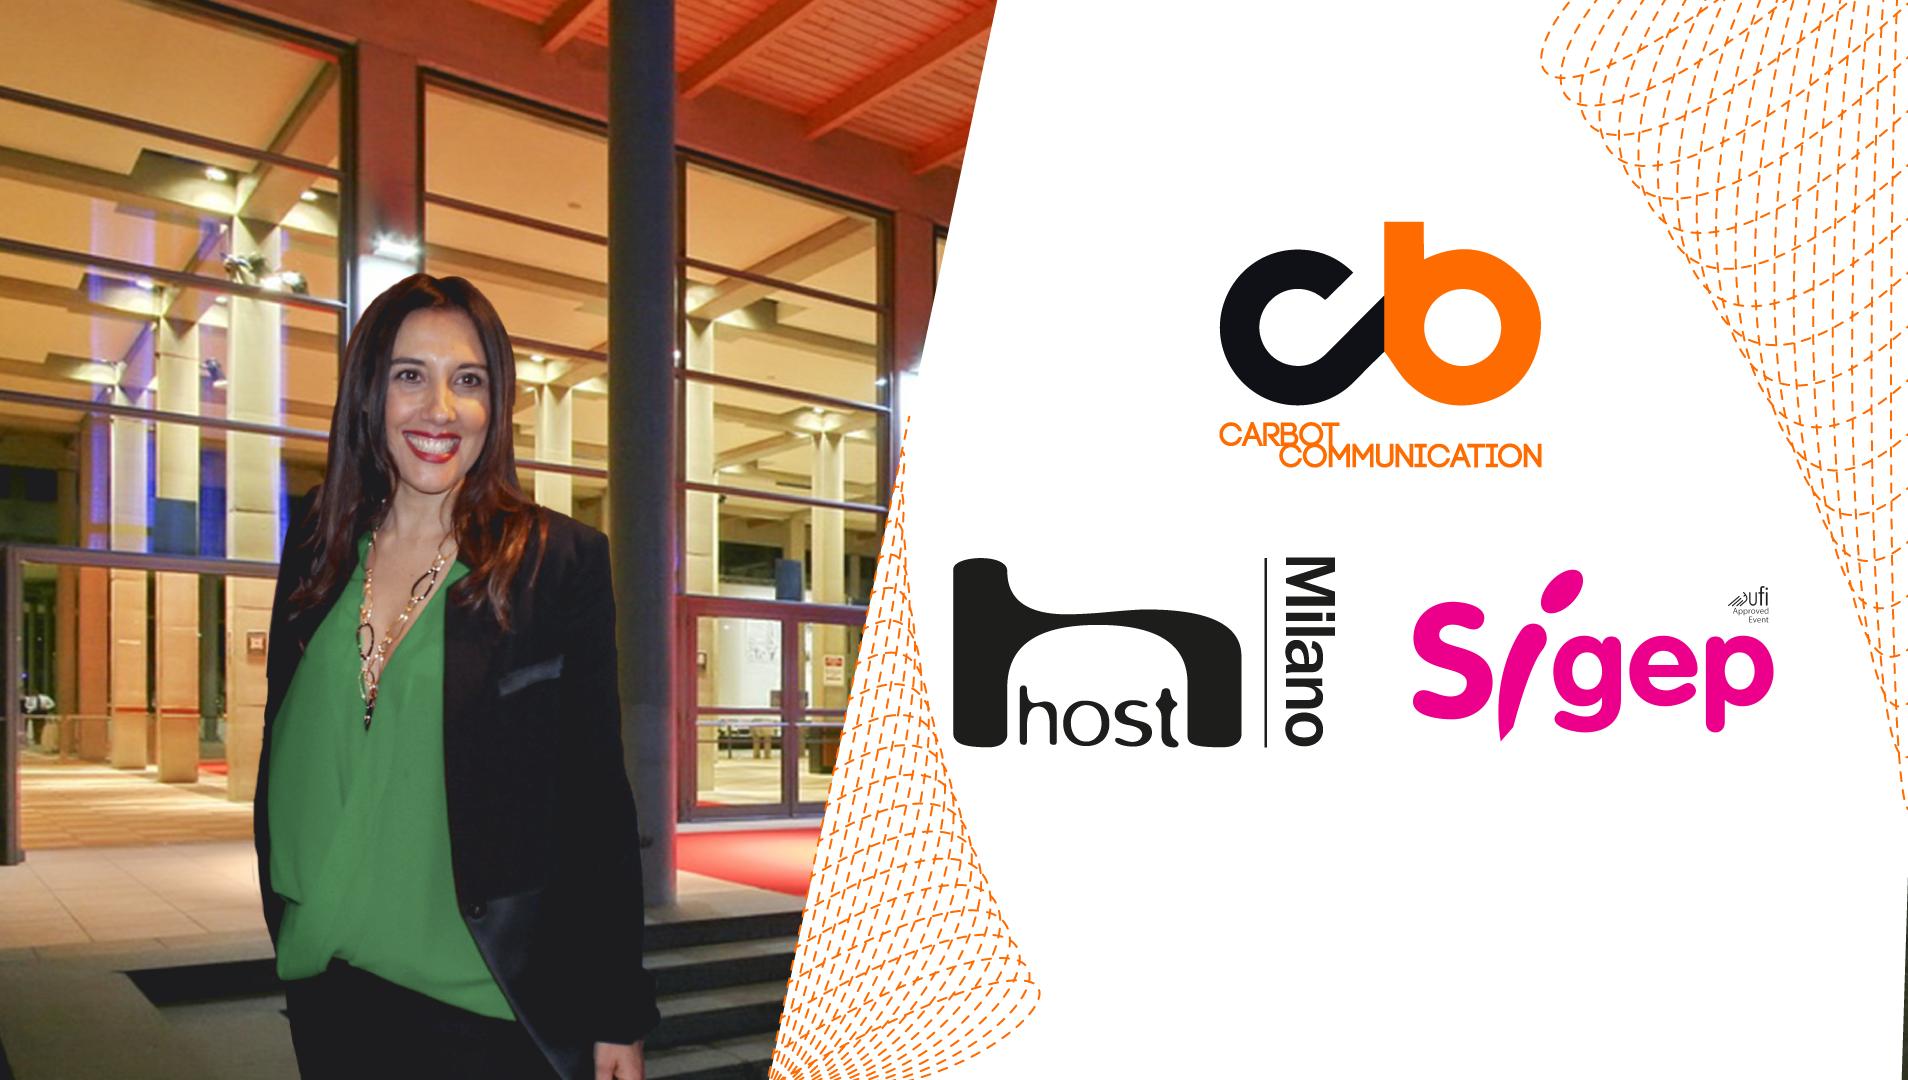 """Dopo Host, Carbot Communication approda al Sigep di Rimini. Carla Botta: """"Le Fiere sono uno straordinario strumento di comunicazione"""""""